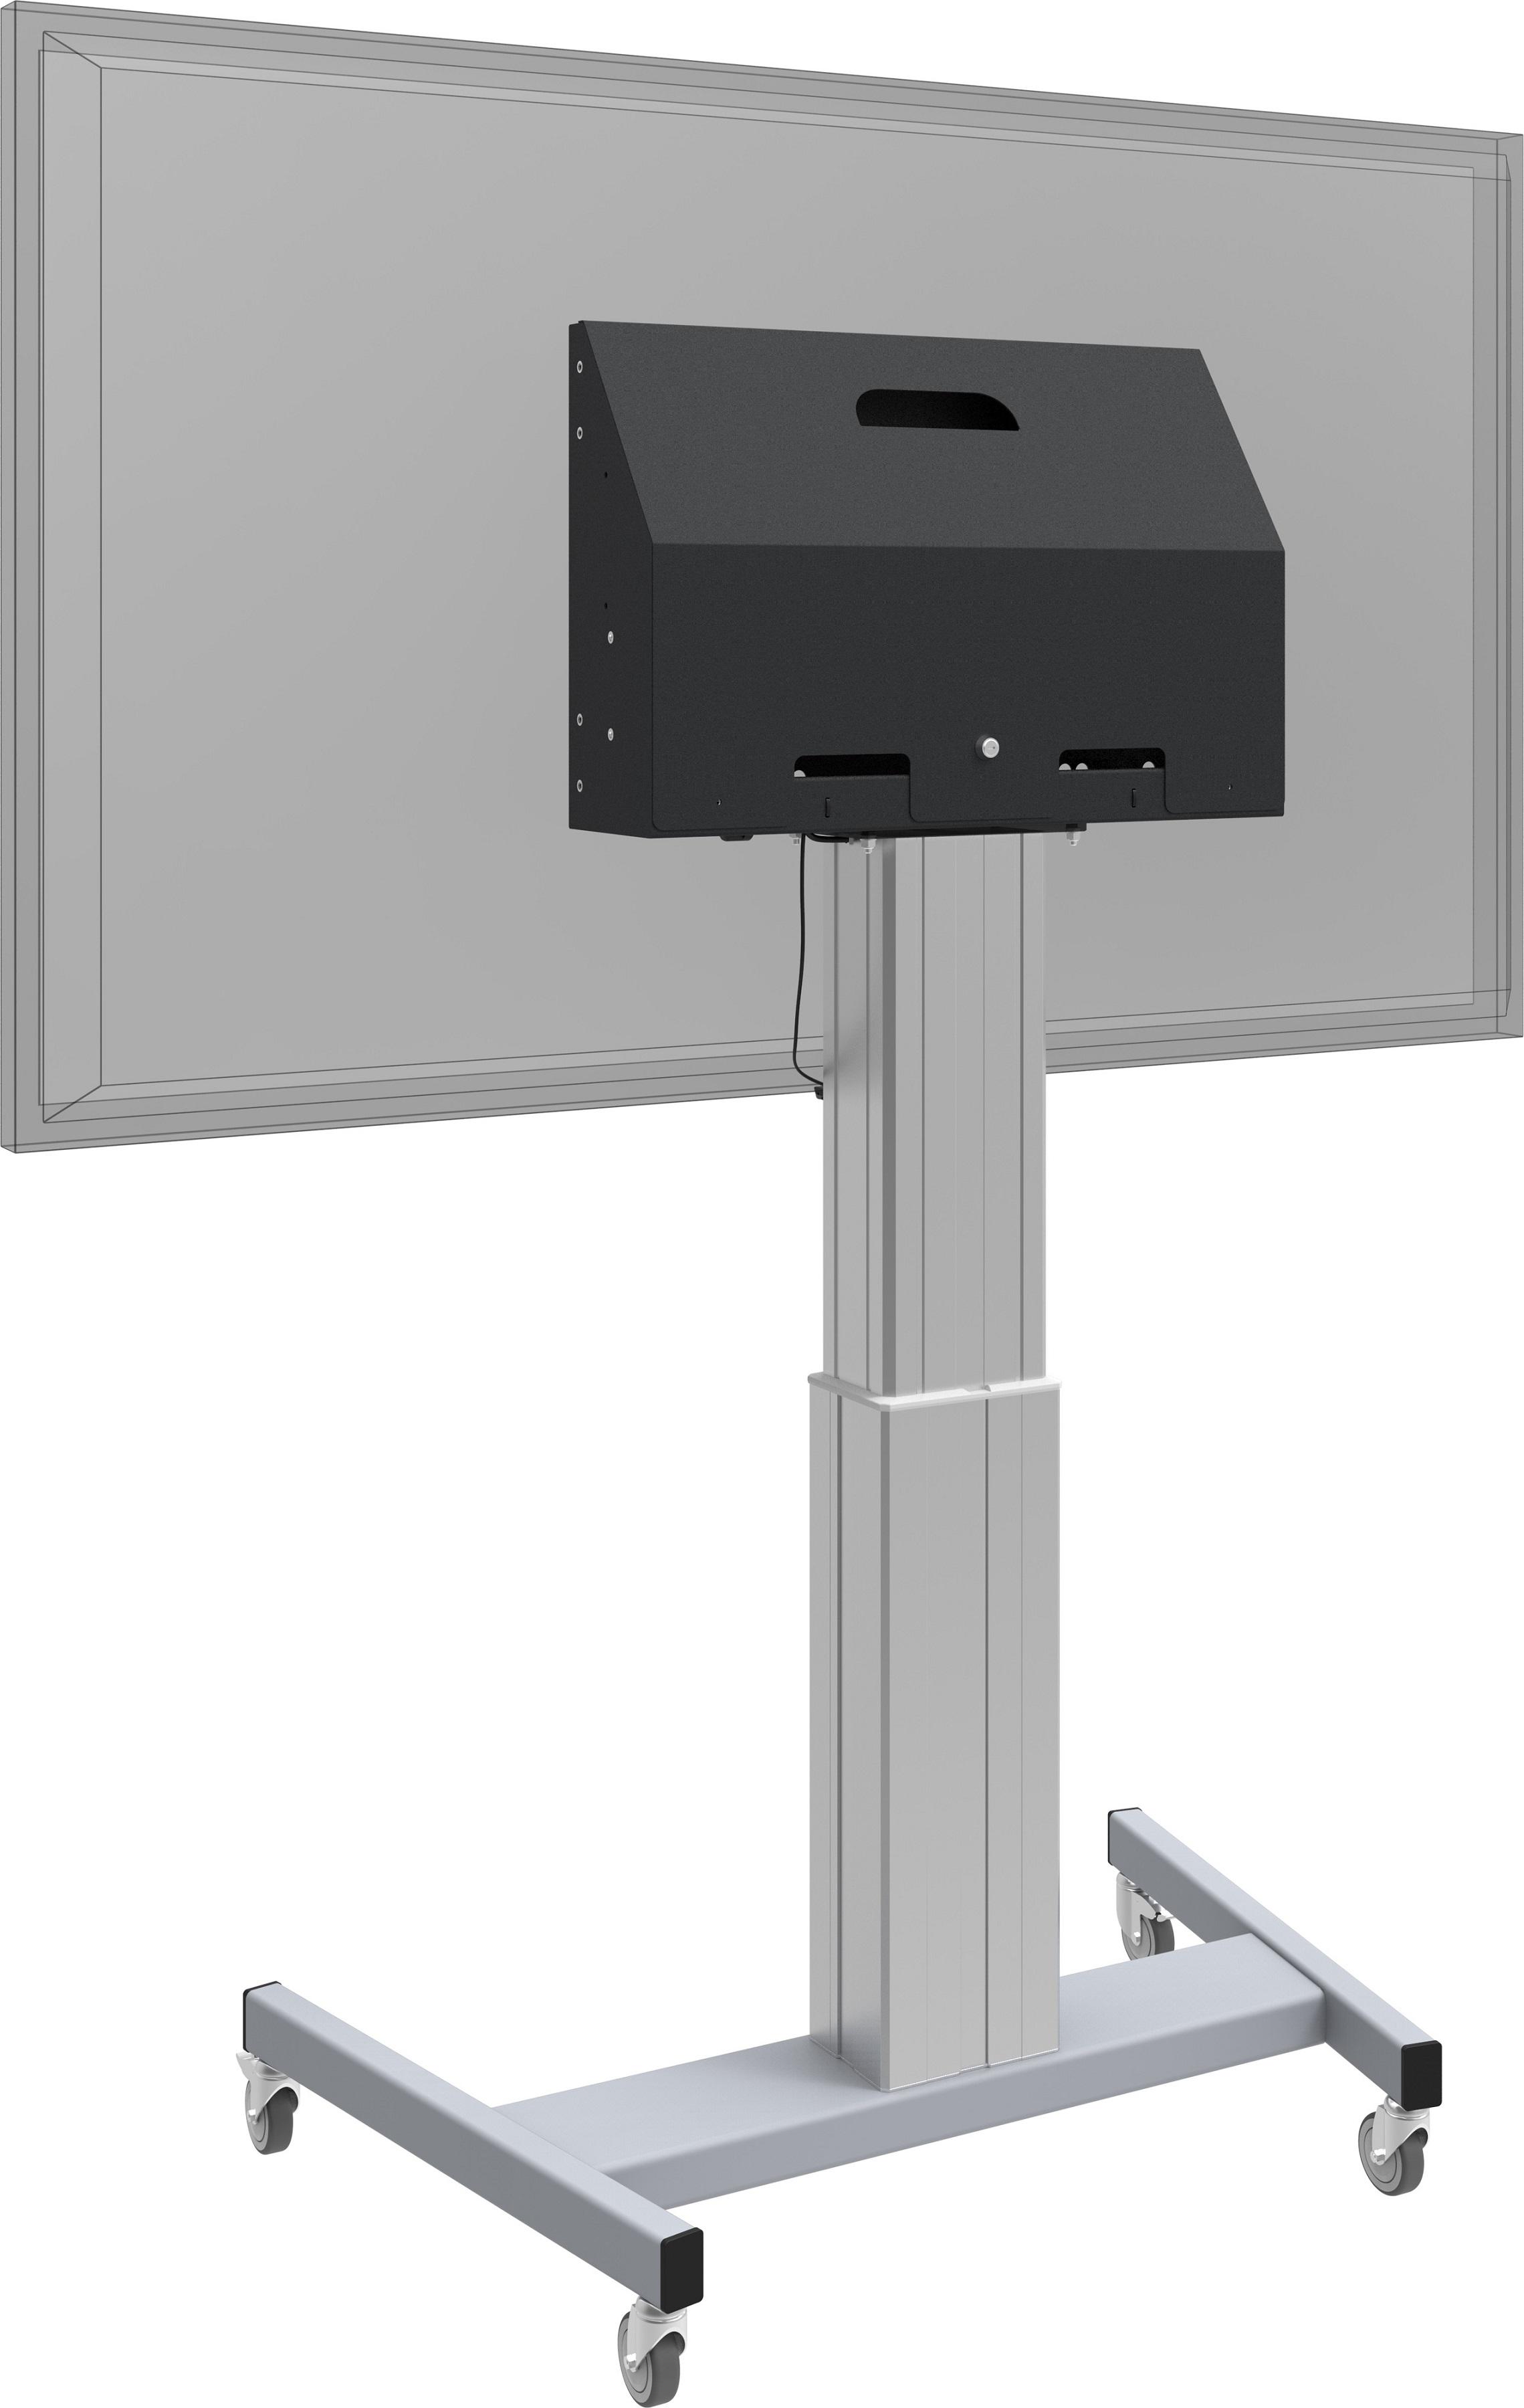 Vloerlift Mobiel XL<br>Art. Nr. 80041403